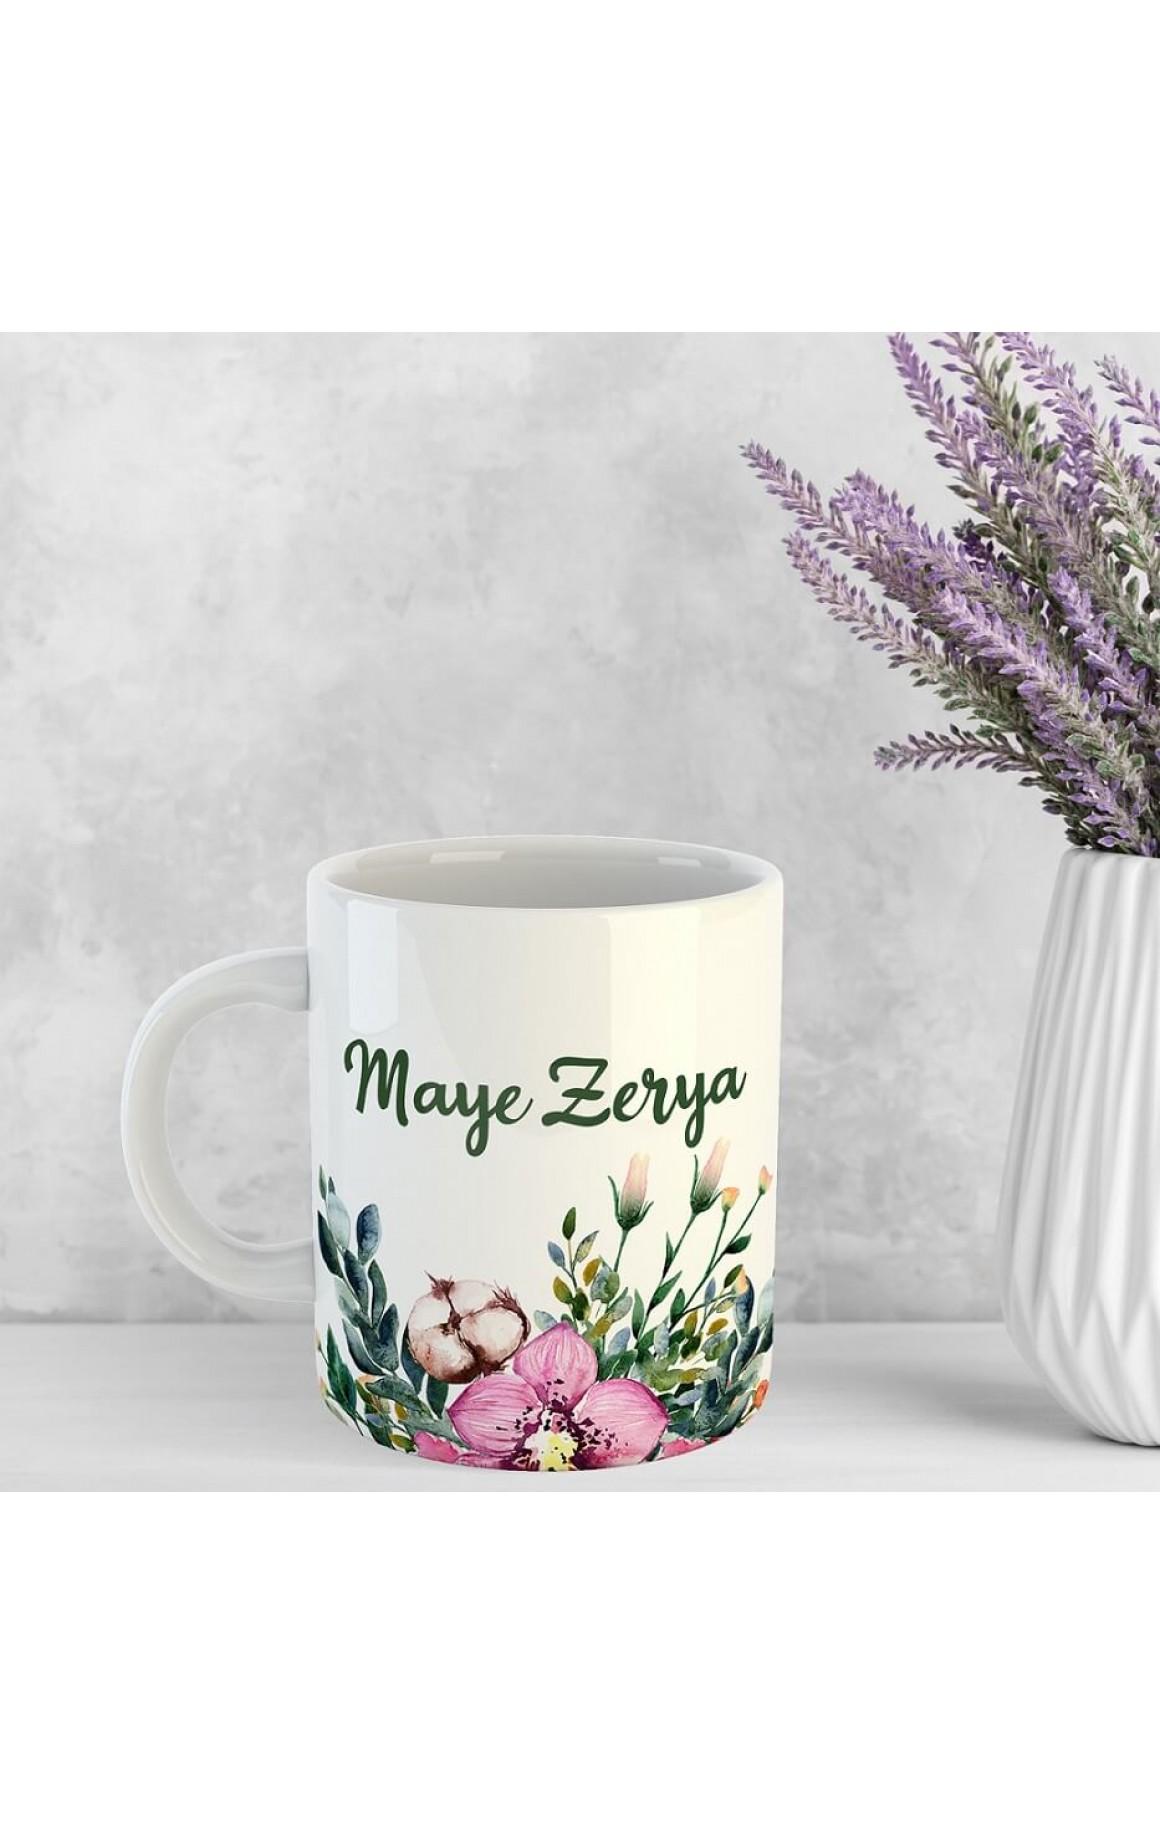 Annelere Özel İsimli Porselen Kupa - Maye Zerya